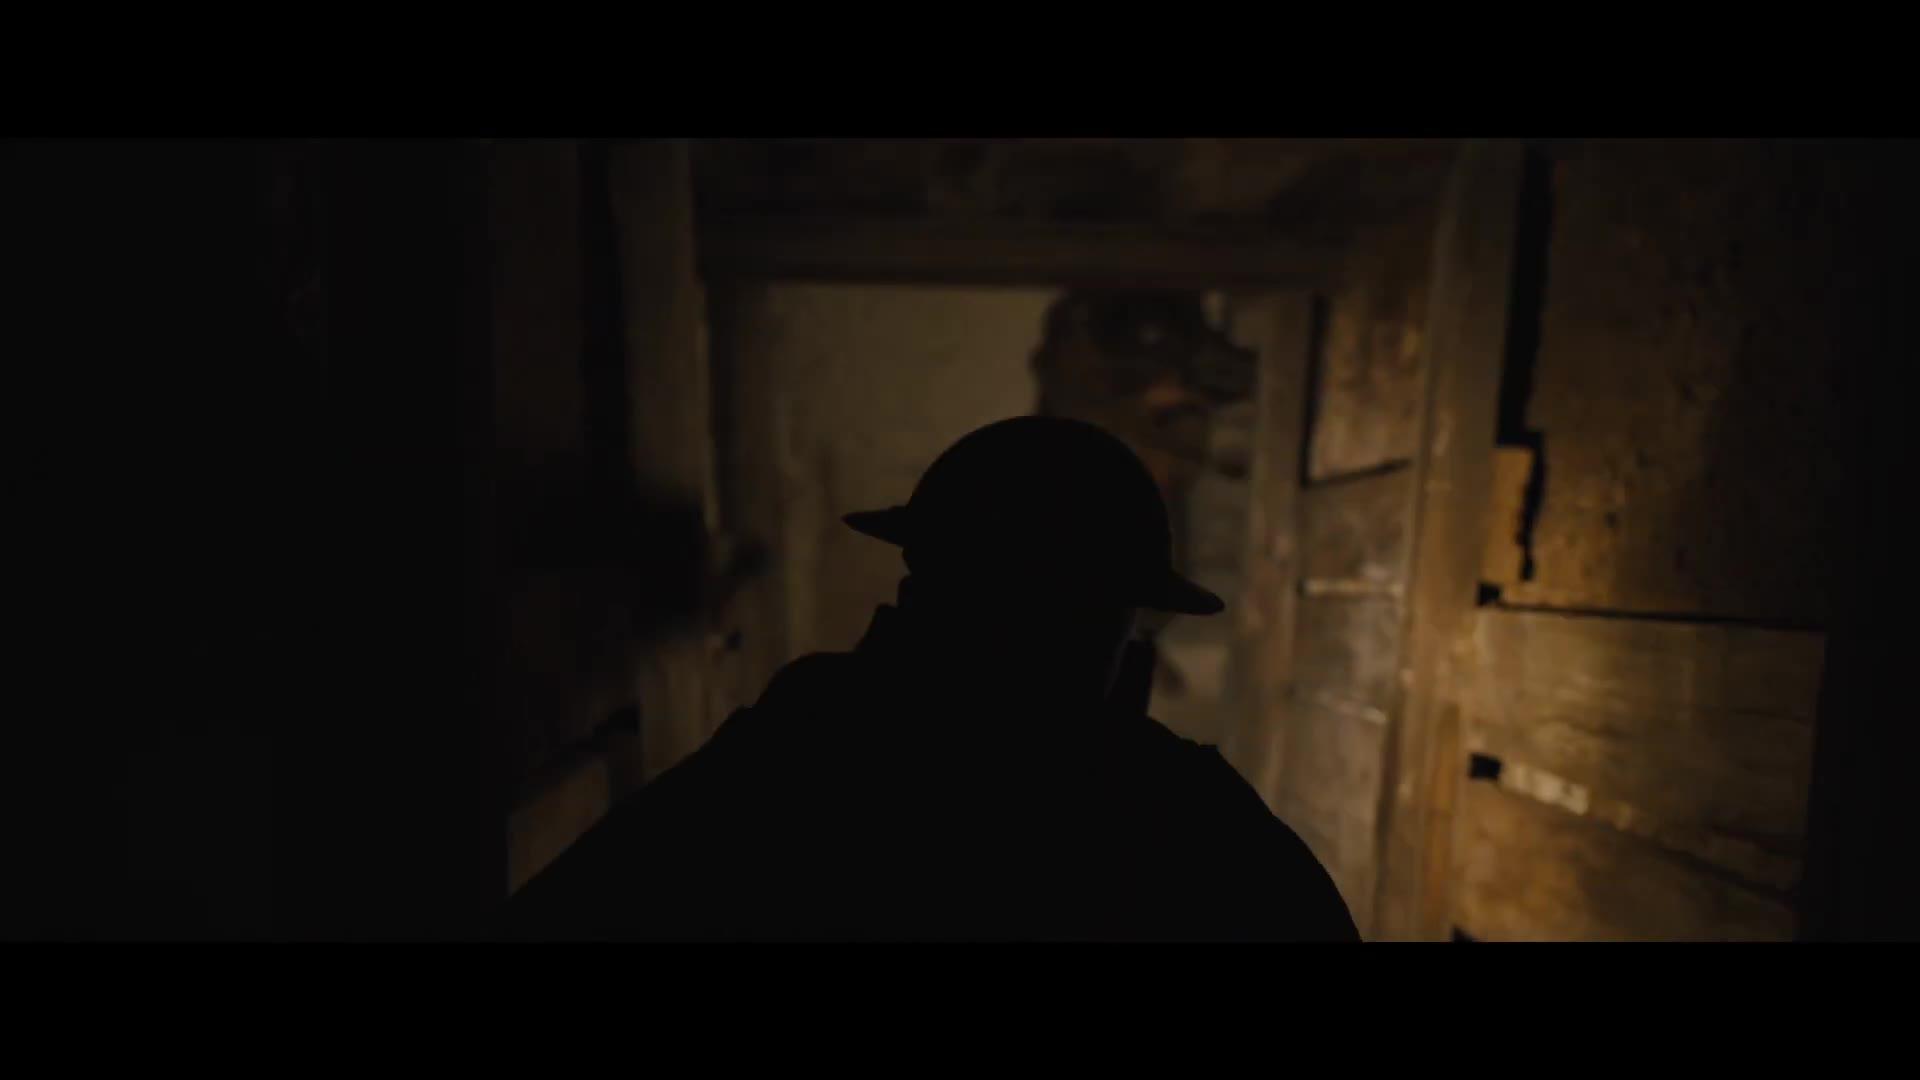 1917 - Official Trailer #1 [HD] screen capture